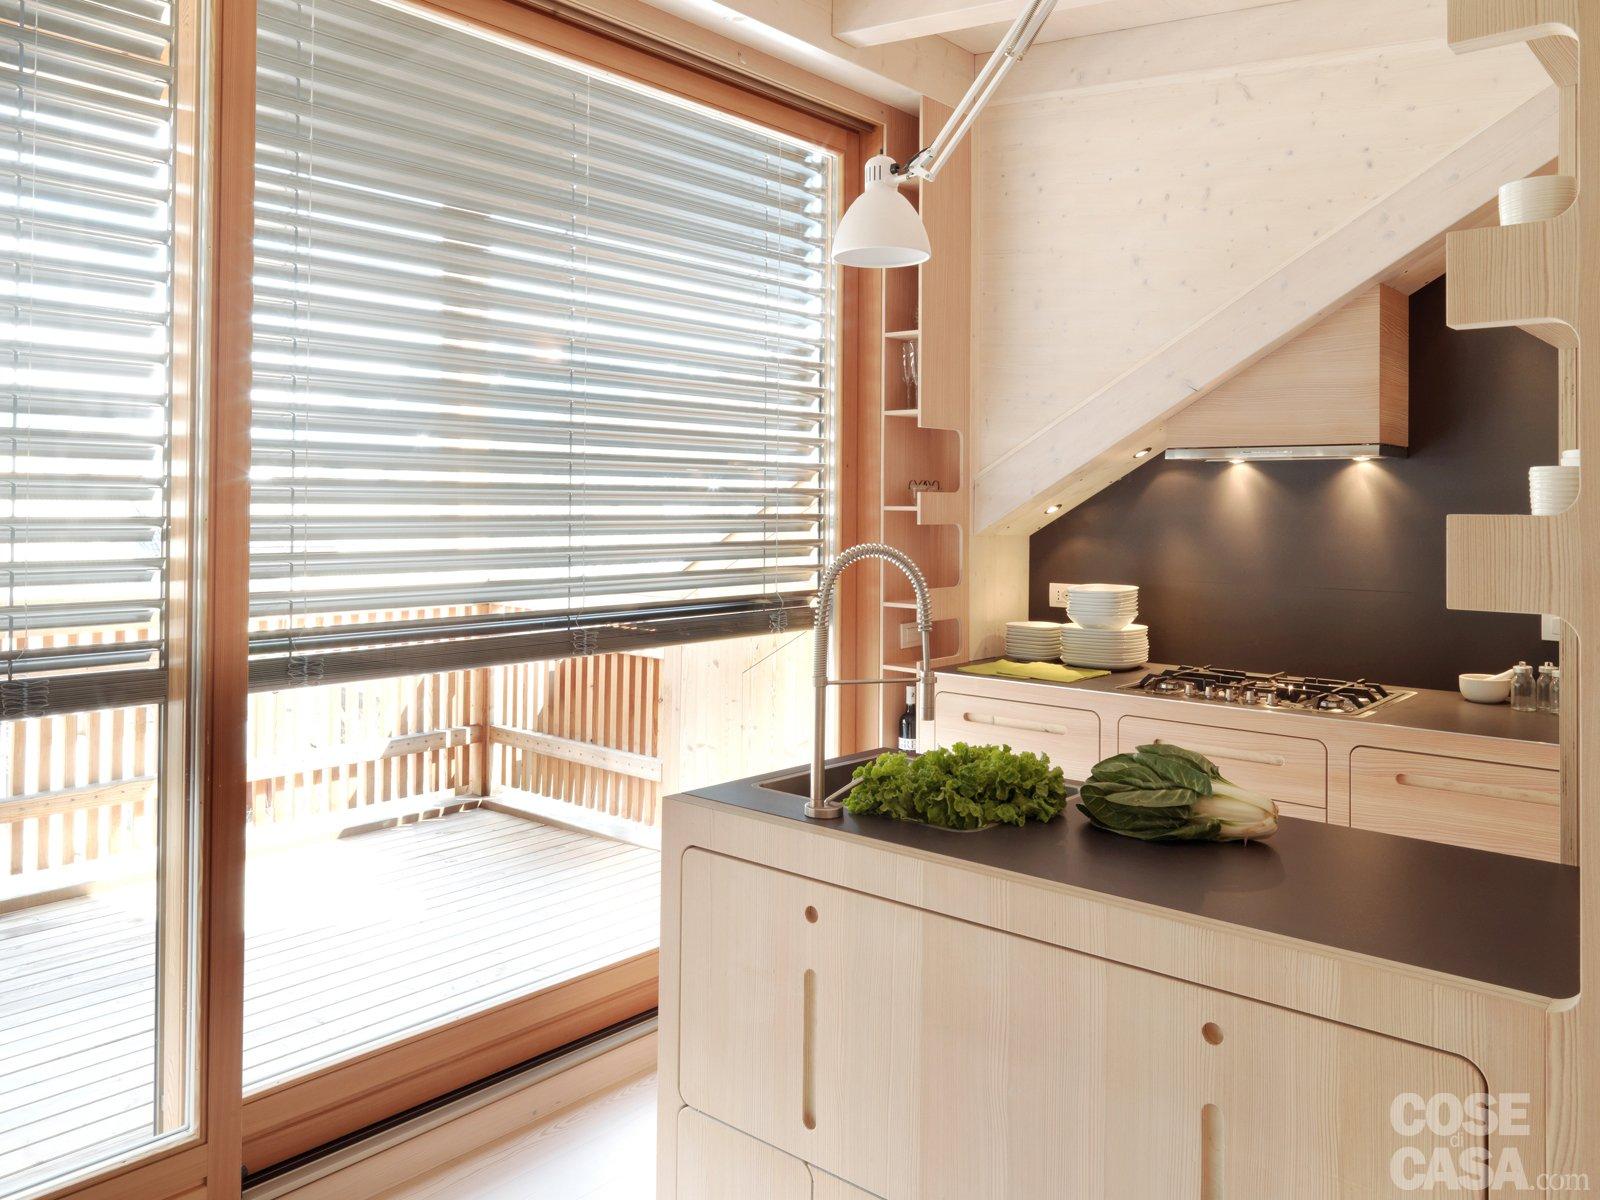 Casa di montagna sfruttata al centimetro cose di casa for Case moderne sotto 100k